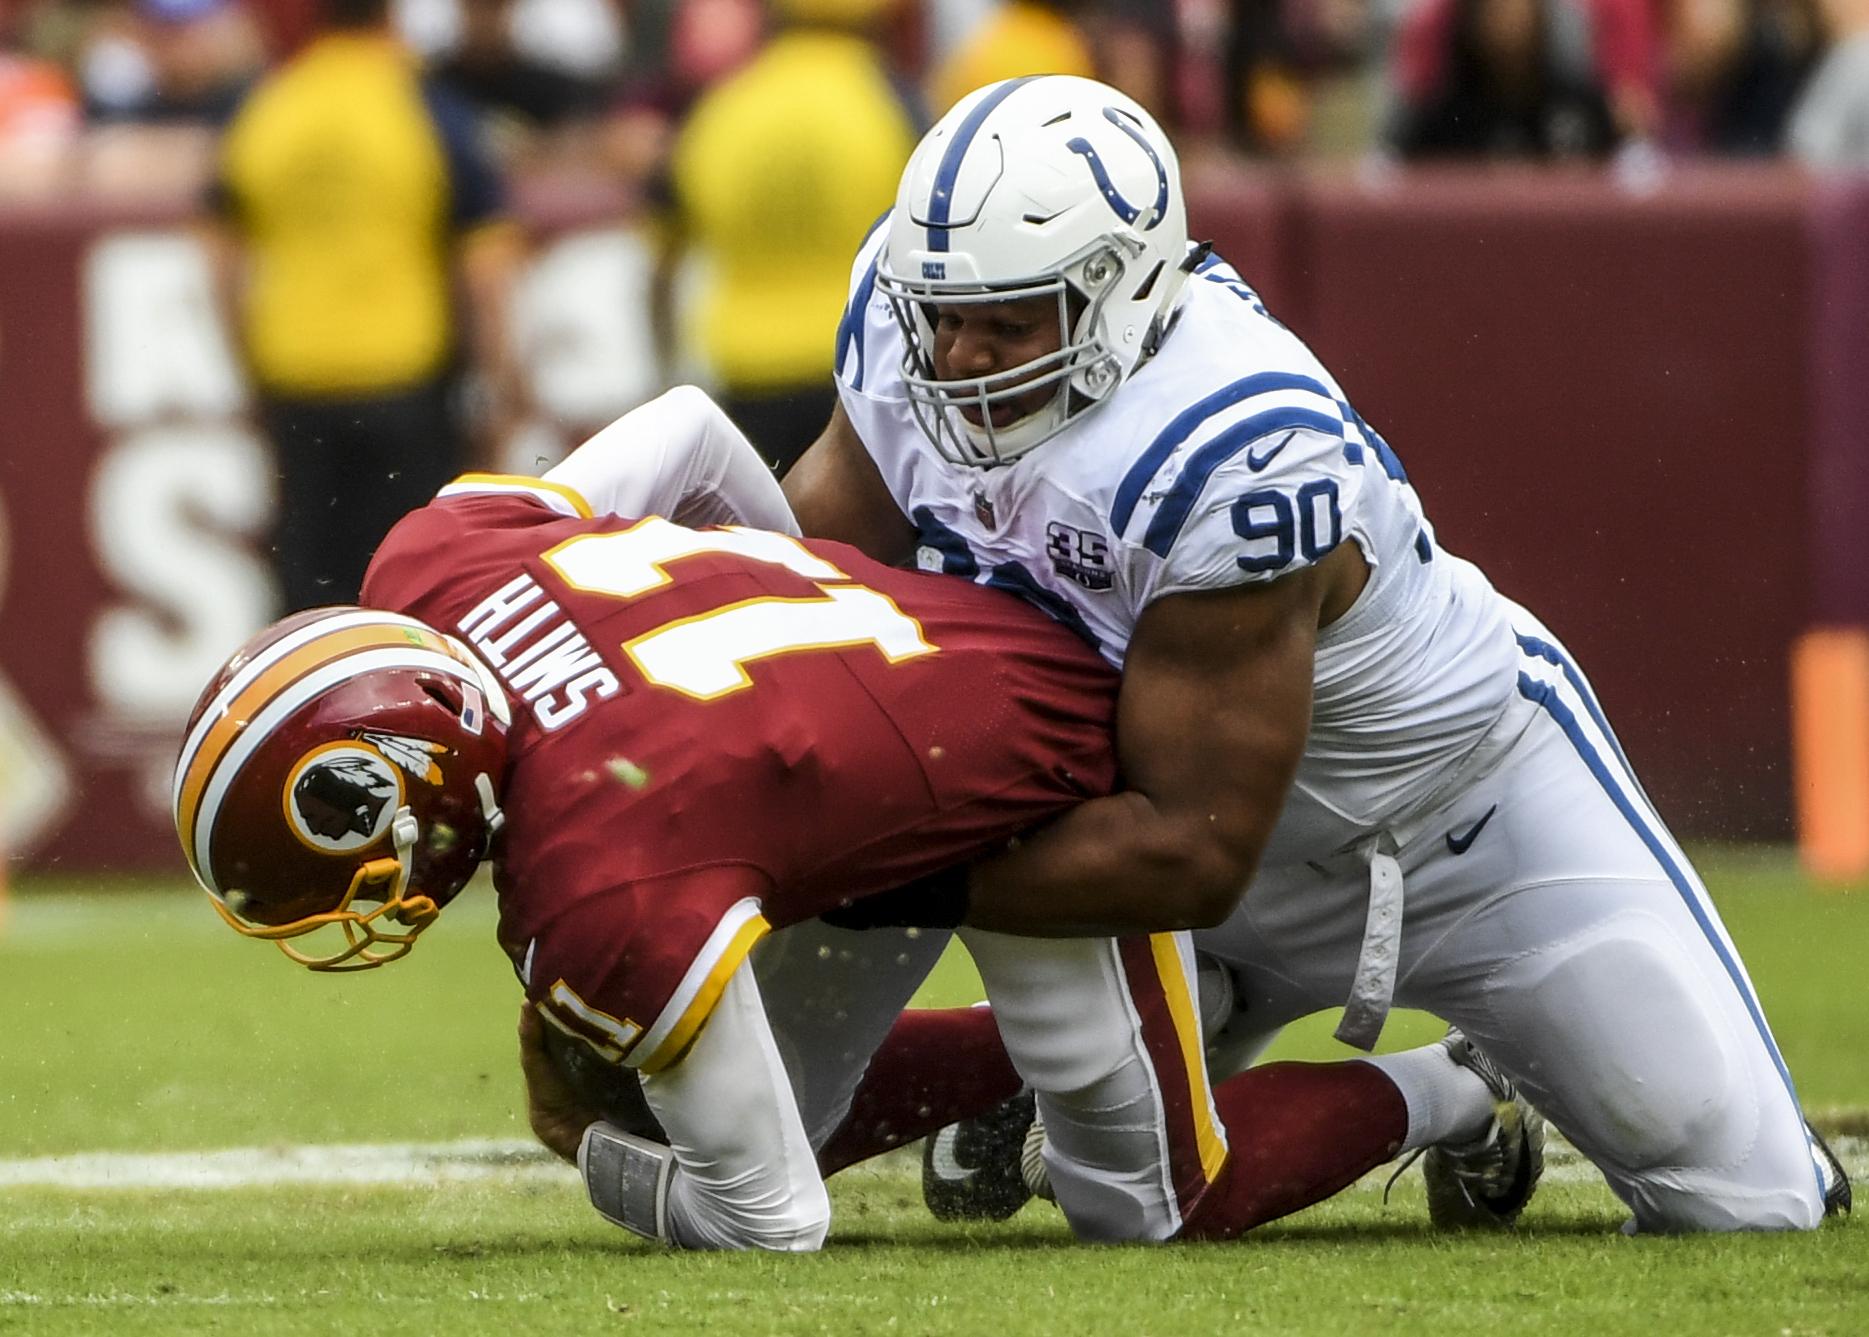 NFL-Indianapolis Colts at Washington Redkins